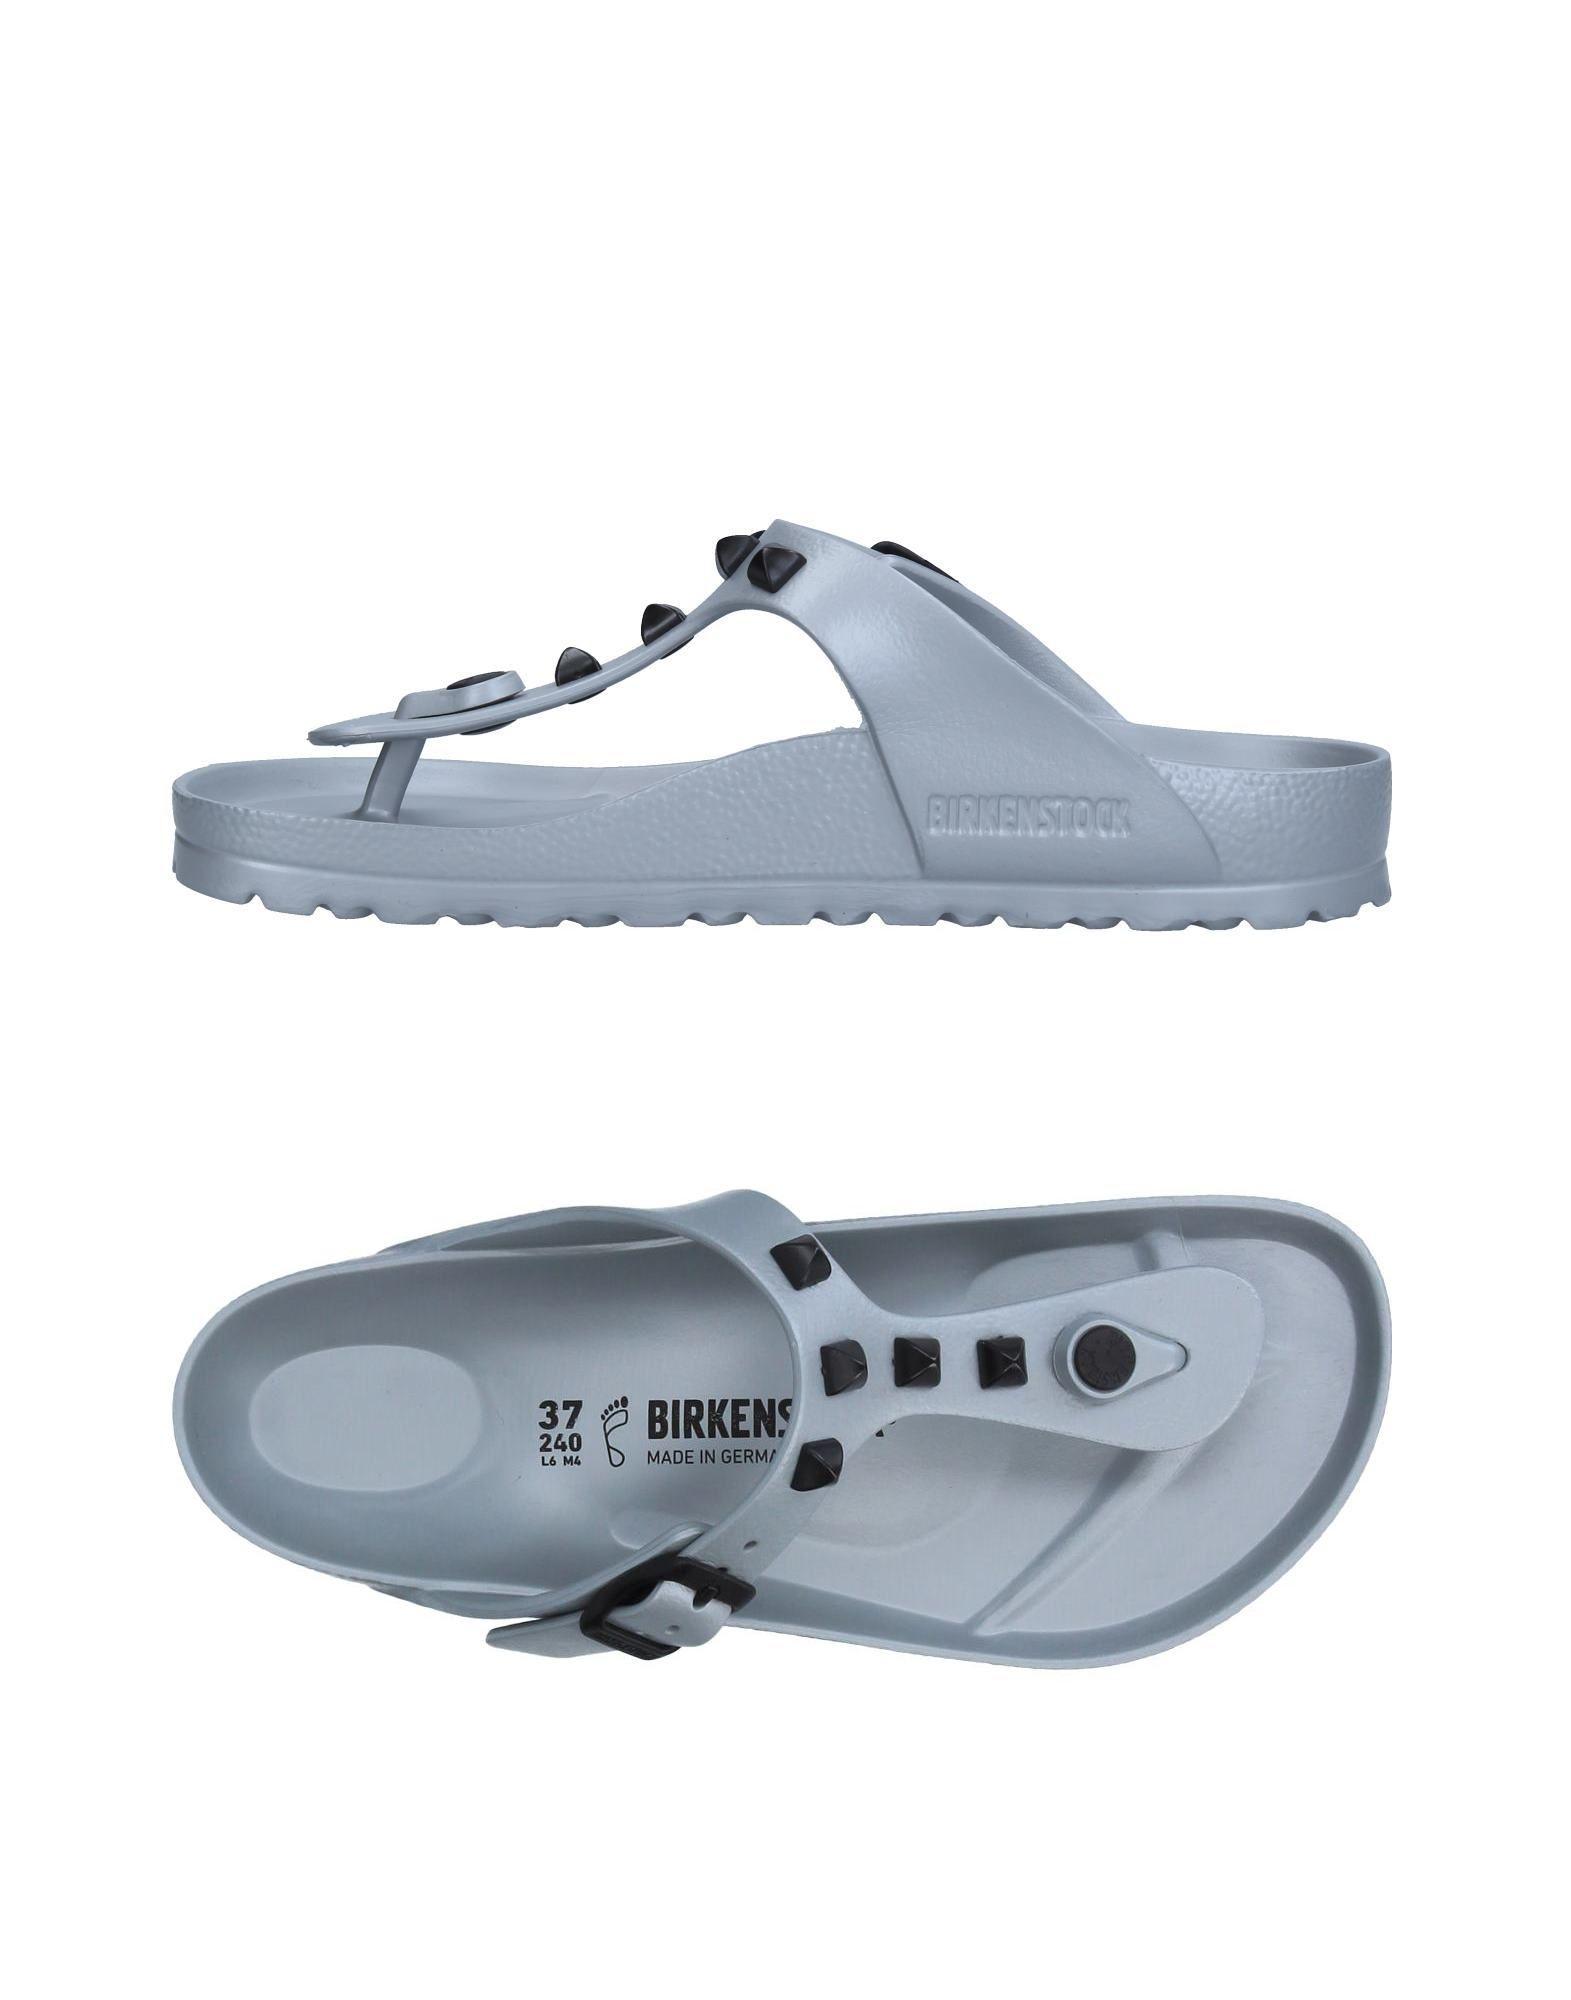 Birkenstock Qualität Dianetten Damen  11316162KJ Gute Qualität Birkenstock beliebte Schuhe 80f300